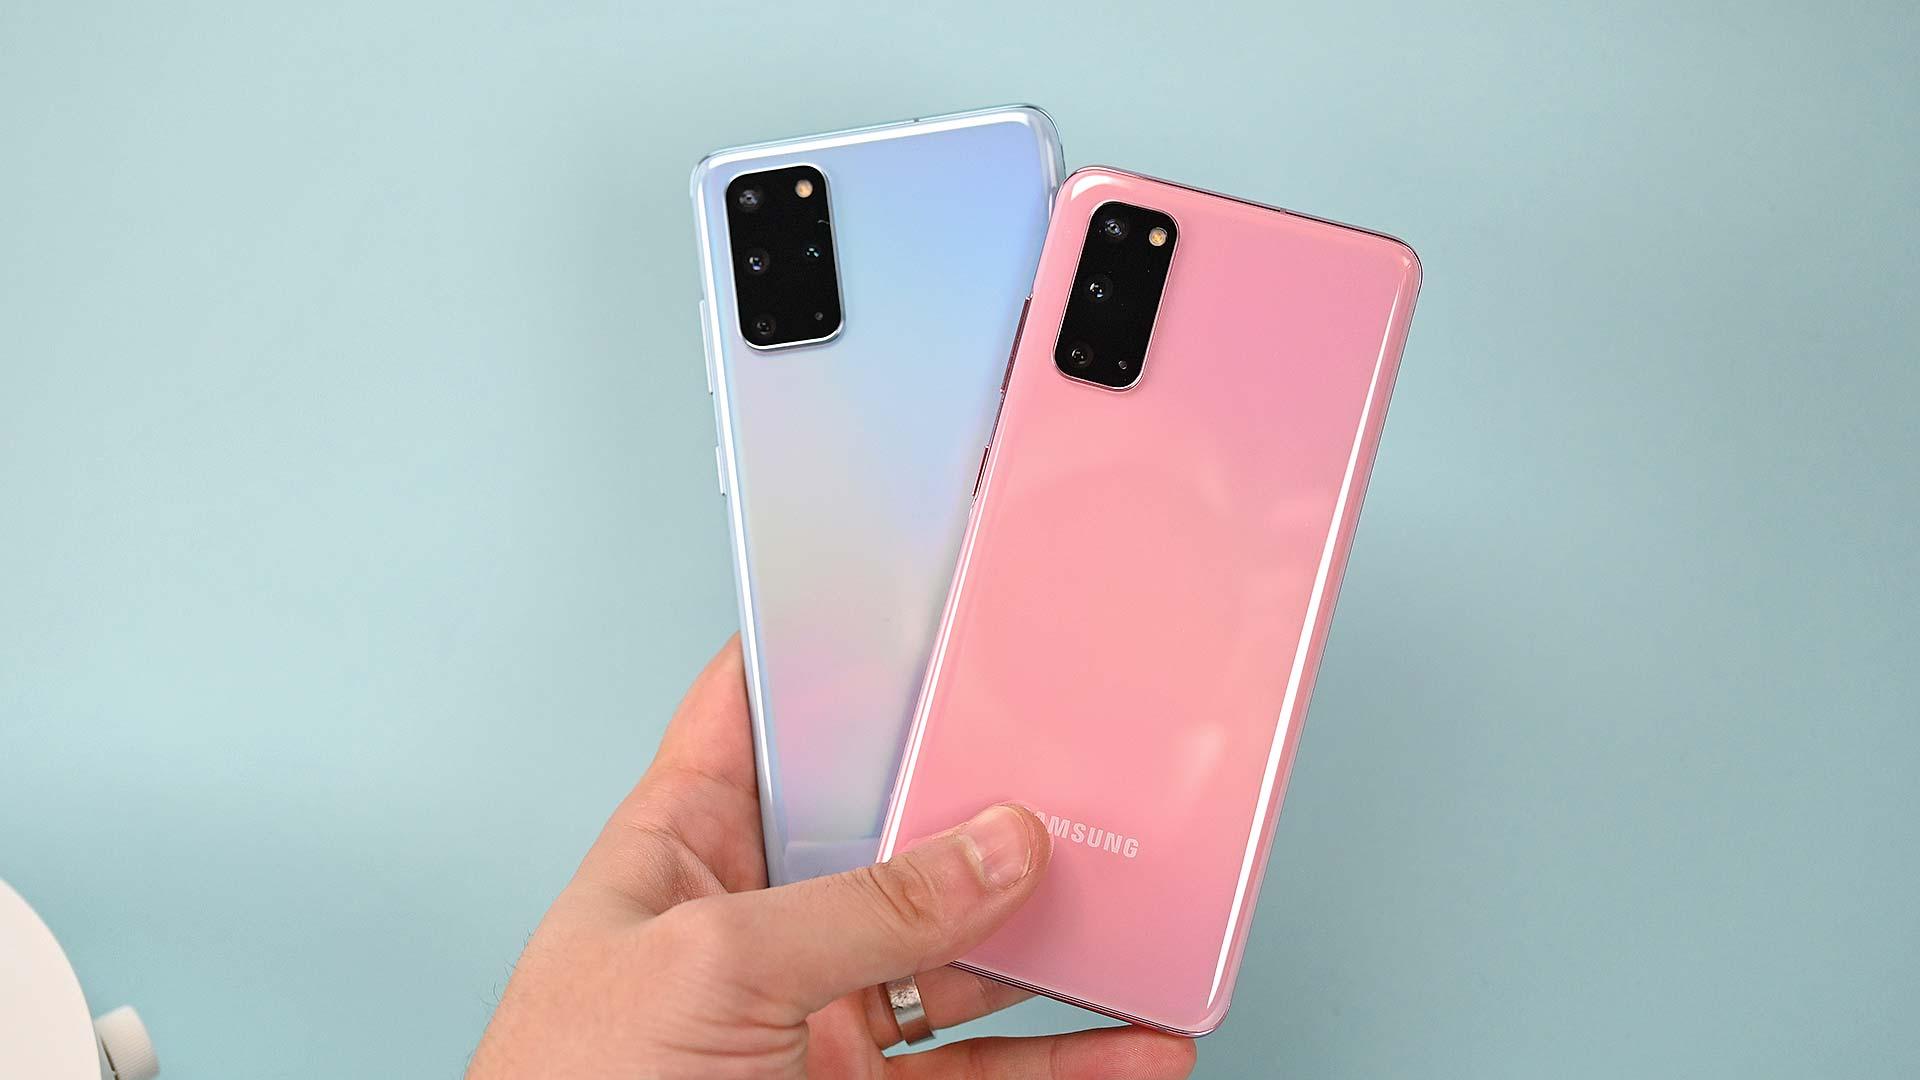 Traseira dos smartphones Galaxy S20+ (esq.) e Galaxy S20 (dir.)